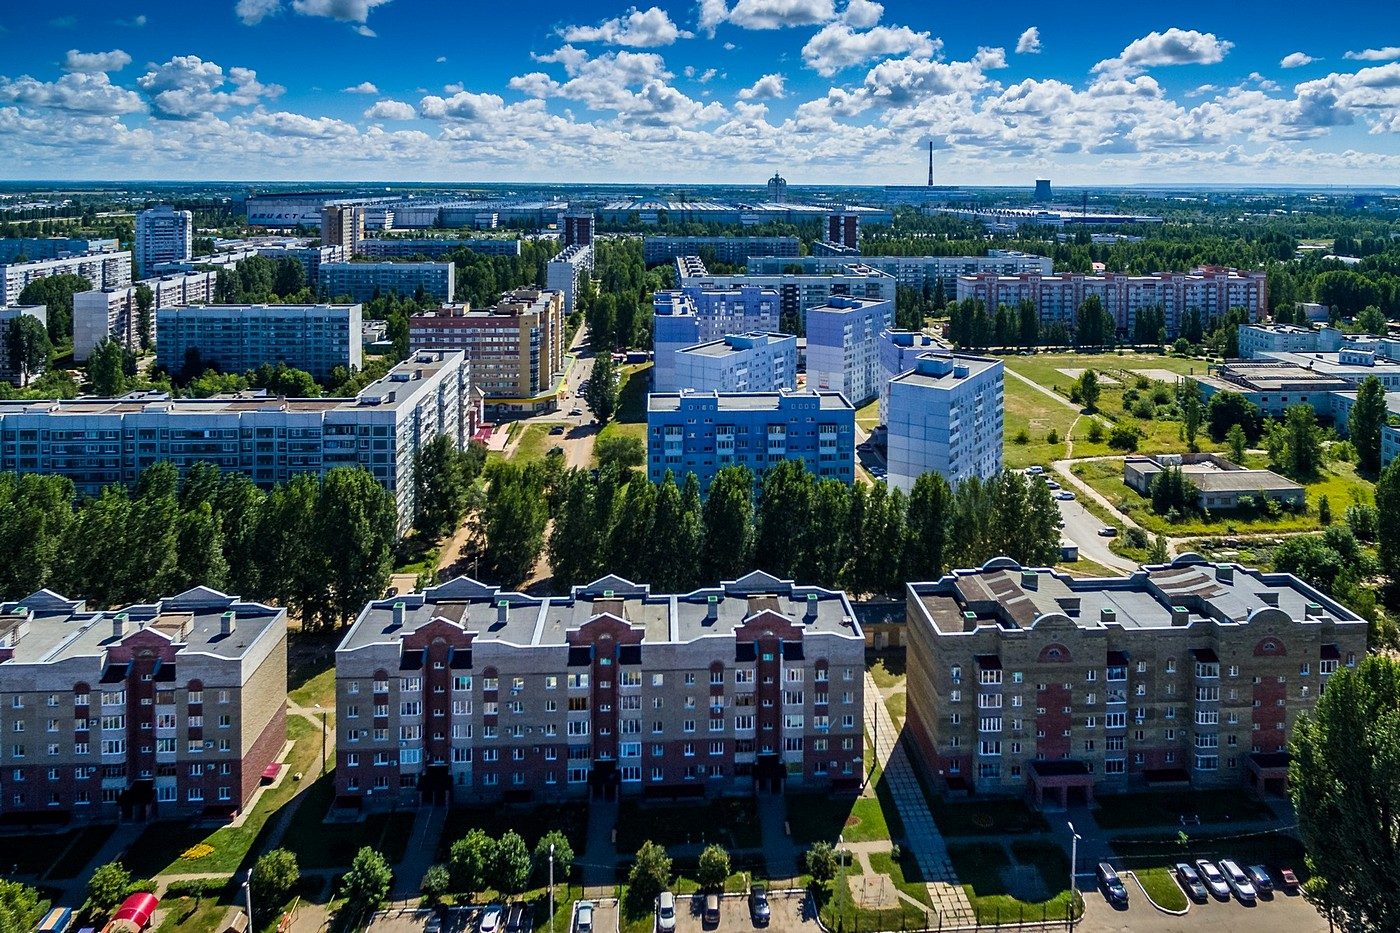 фото нового города ульяновска для фотографий